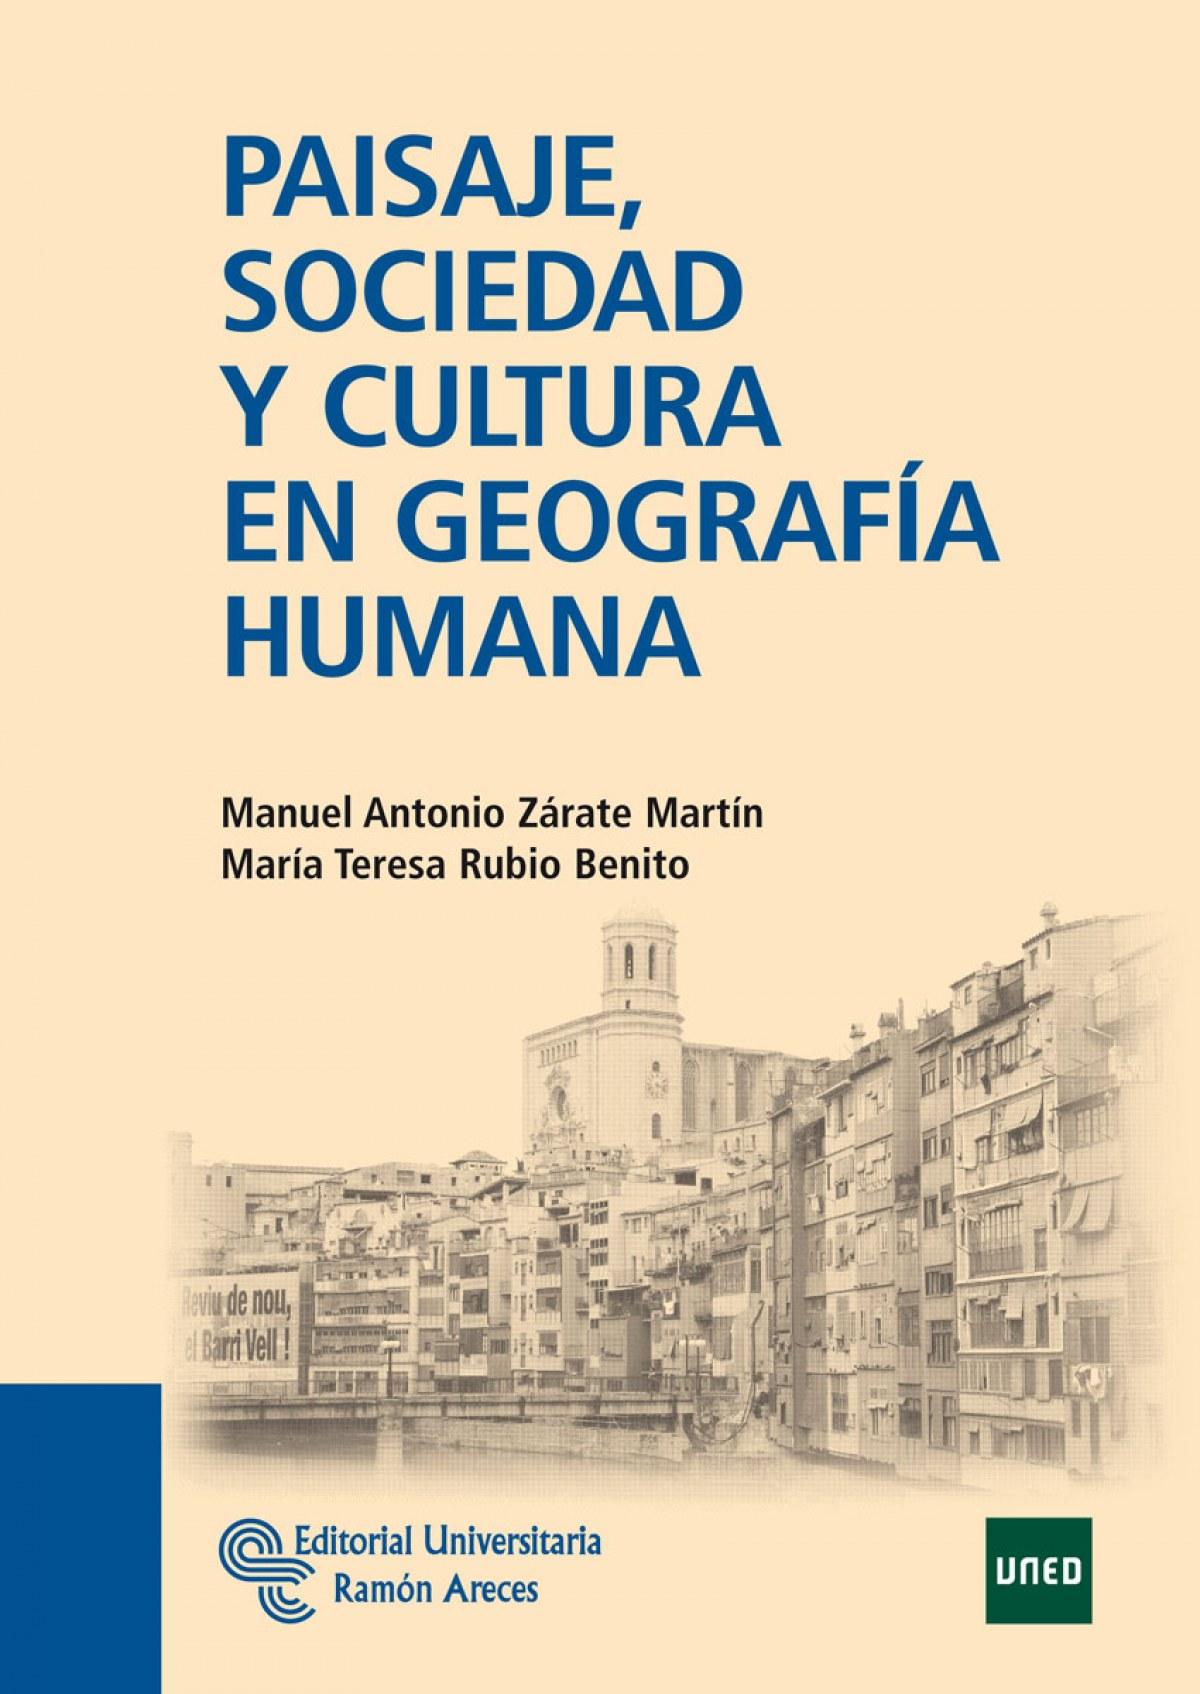 PAISAJE, SOCIEDAD Y CULTURA DE GEOGRAFÍA HUMANA